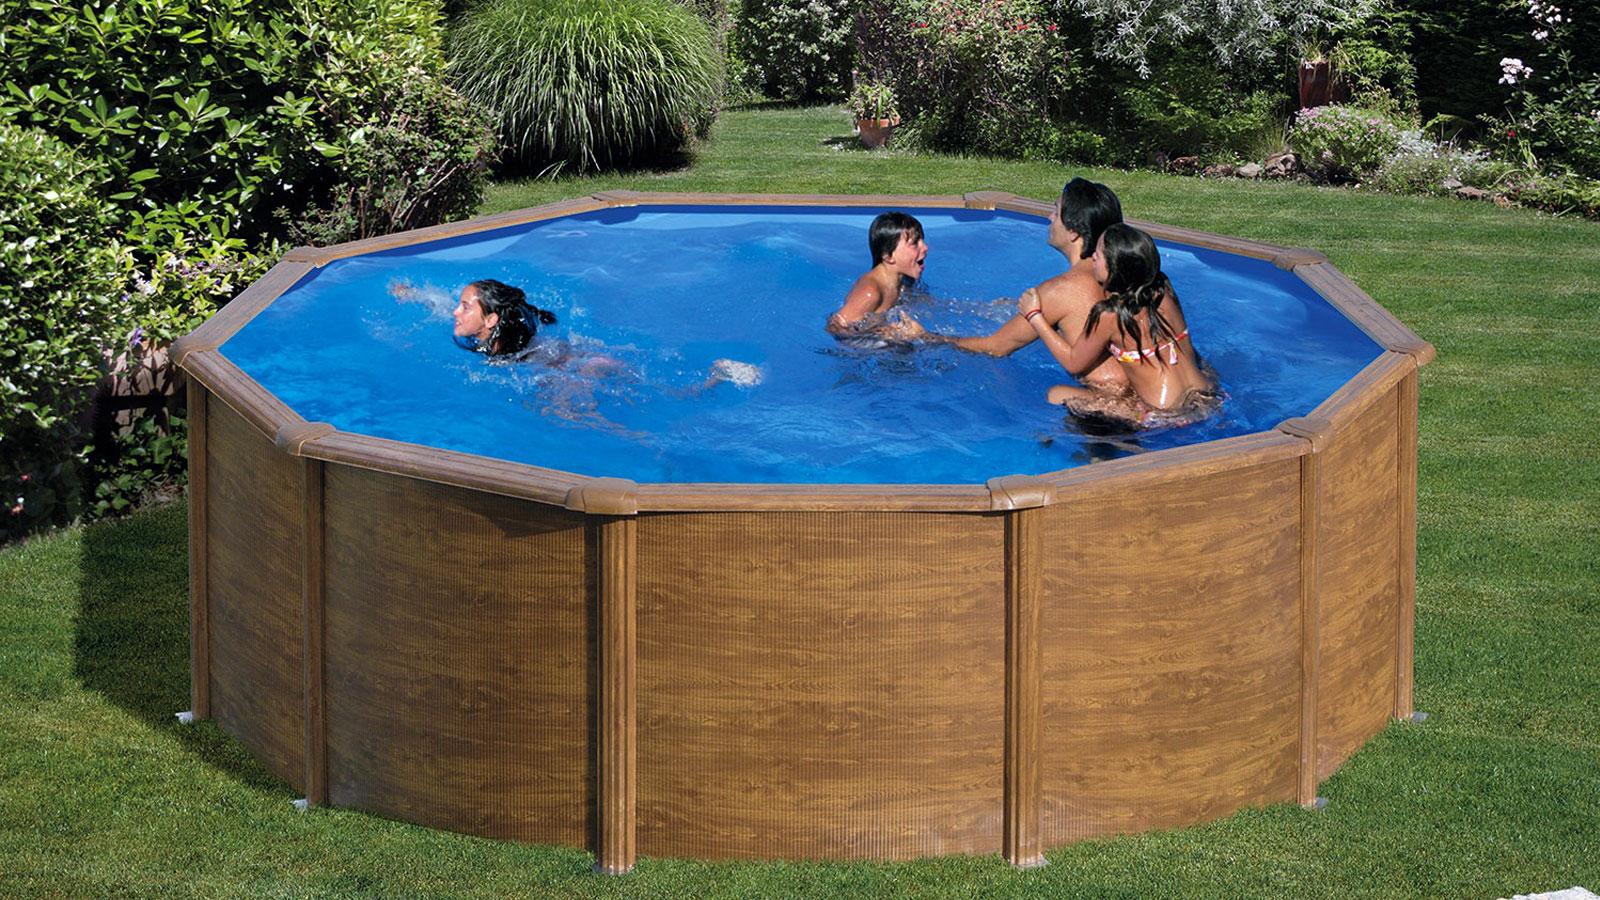 Carlos staebe instalaci n y mantenimiento de piscinas for Mantenimiento de piscinas desmontables